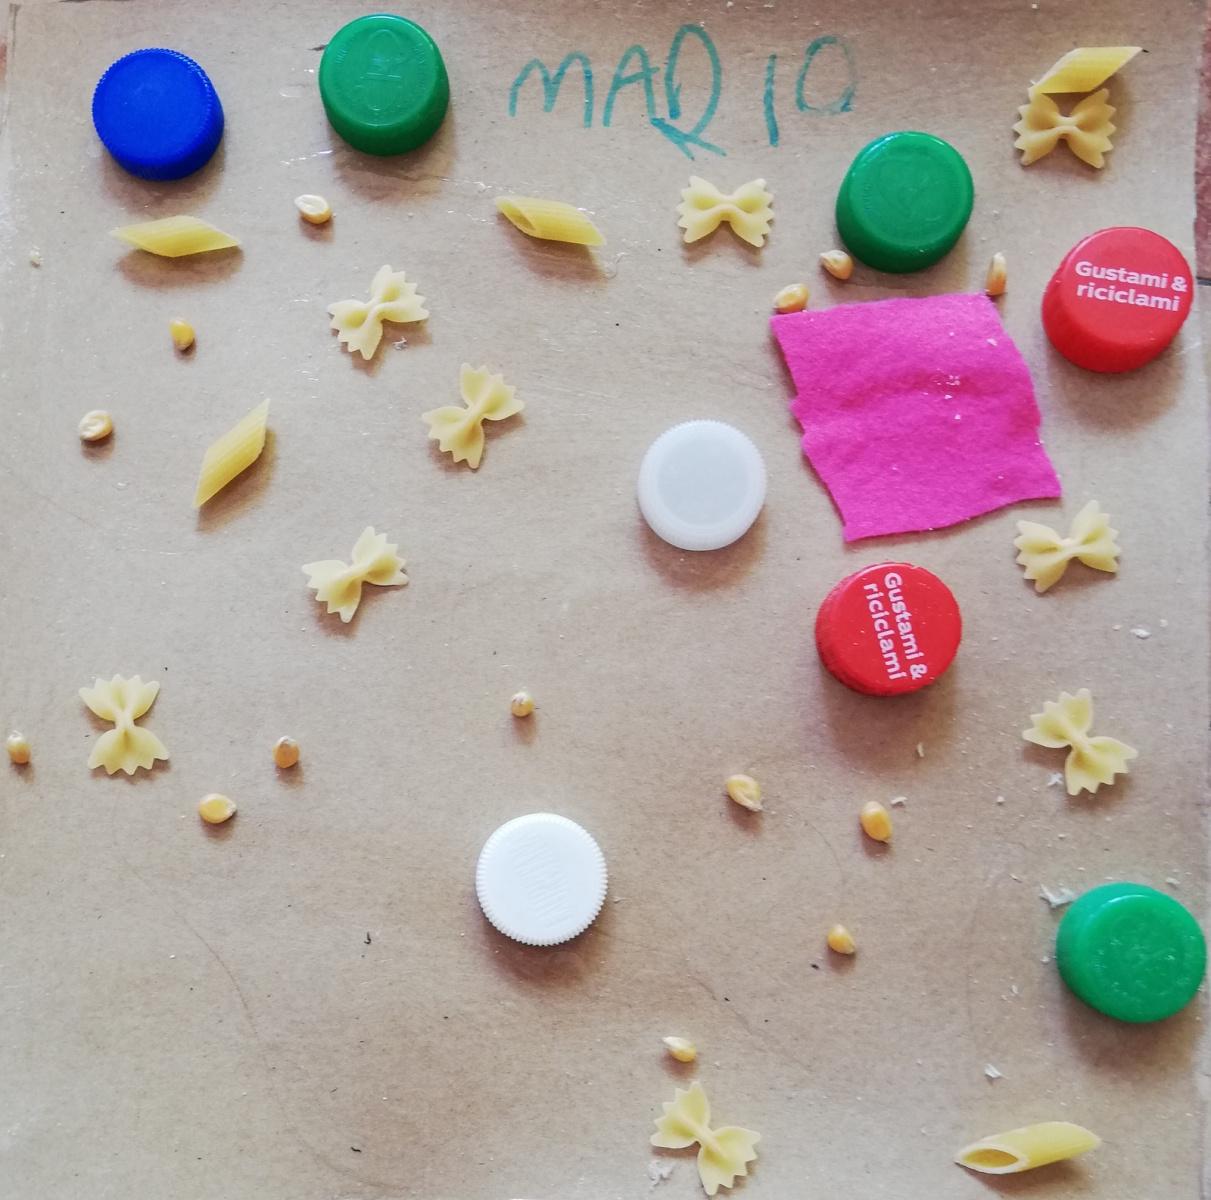 1_MARIO